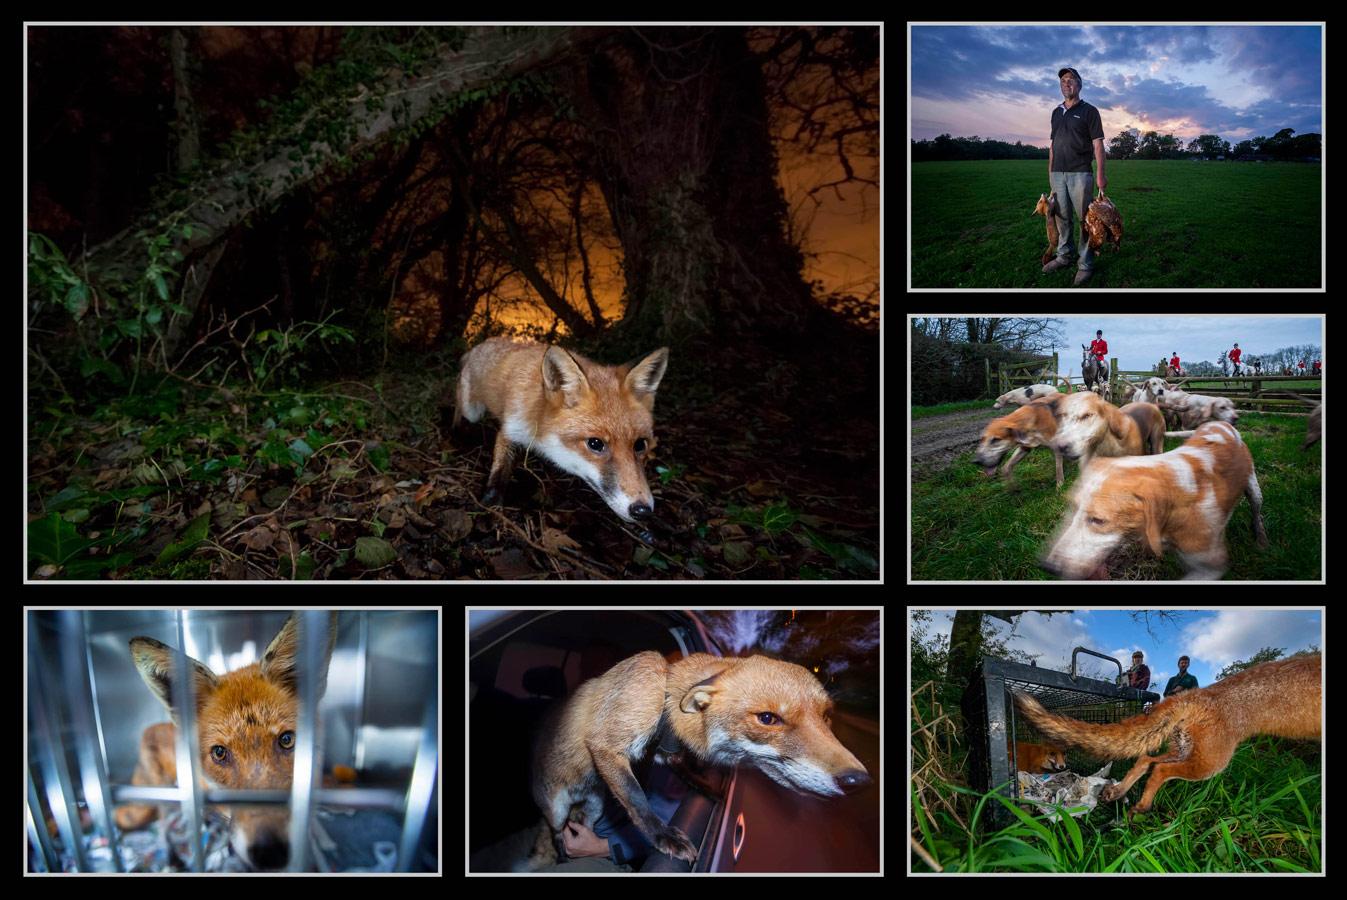 © Нил Олдридж / Neil Aldridge, Победитель в категории «Фотоистория», Фотоконкурс Oasis Photo Contest